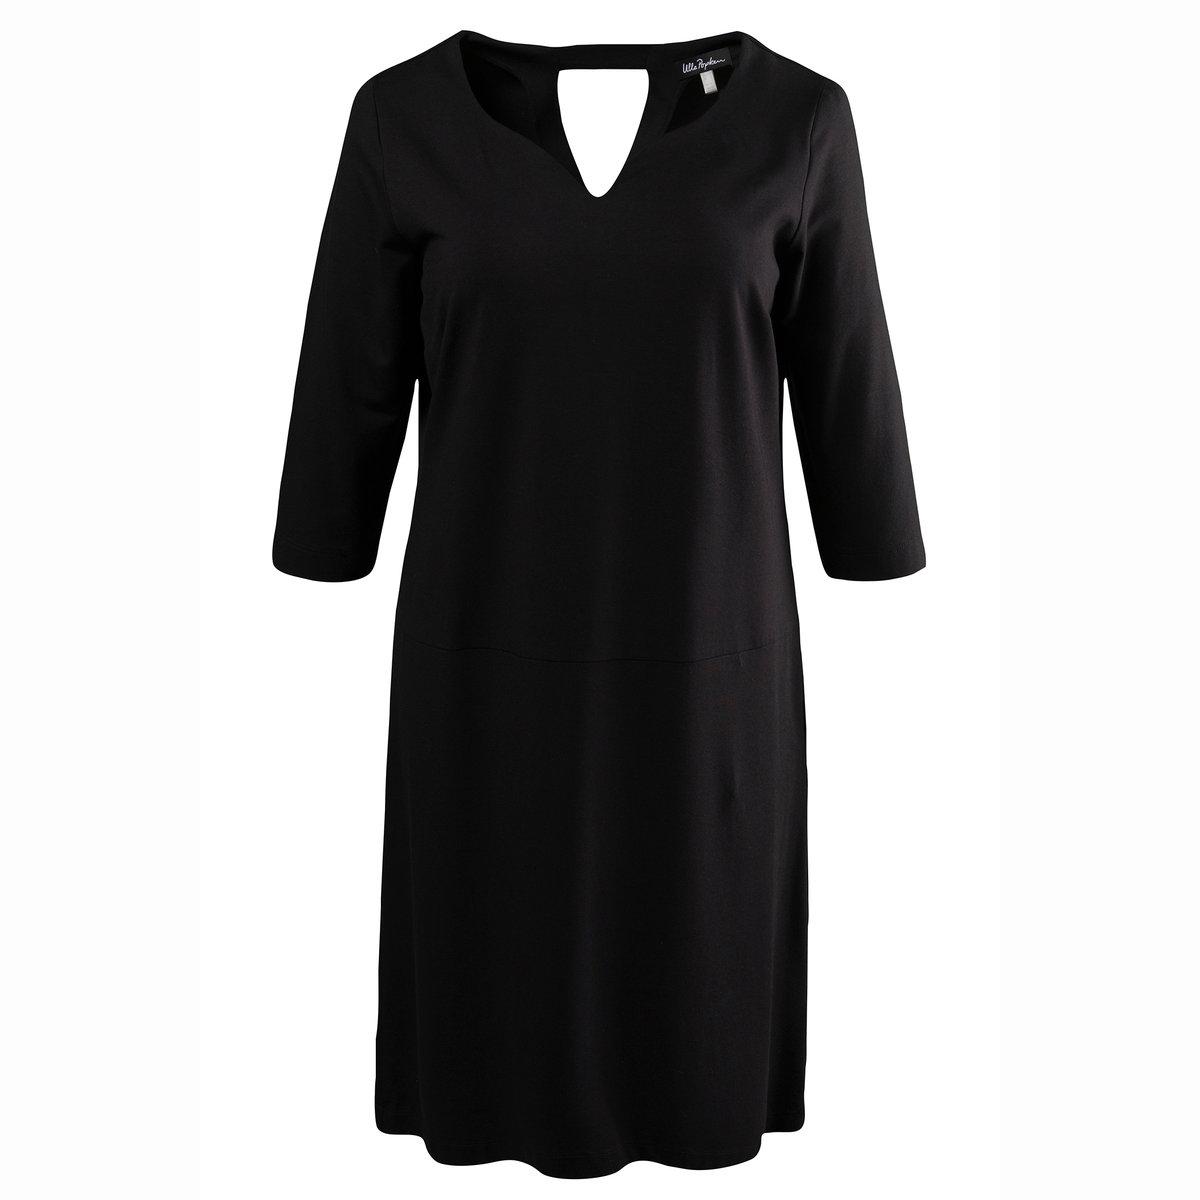 Платье с рукавами 3/4Платье с рукавами 3/4 ULLA POPKEN. Круглый вырез с небольшой выемкой, тонкая застежка на молнию сзади . 100% полиэстера<br><br>Цвет: черный<br>Размер: 48/50 (FR) - 54/56 (RUS)